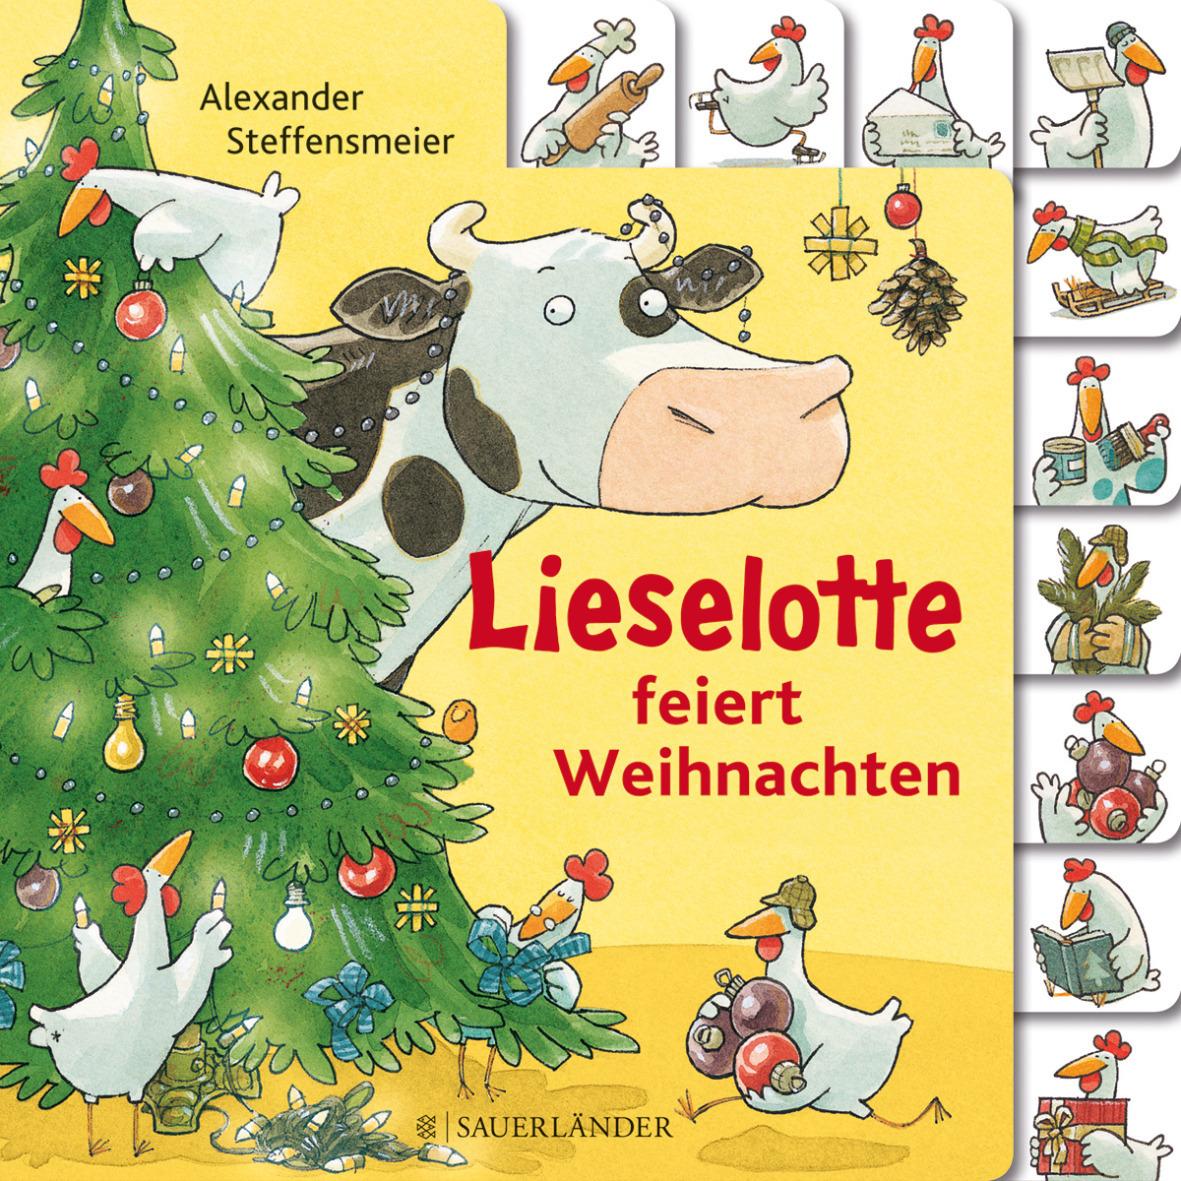 Lieselotte feiert Weihnachten - Steffensmeier, Alexander